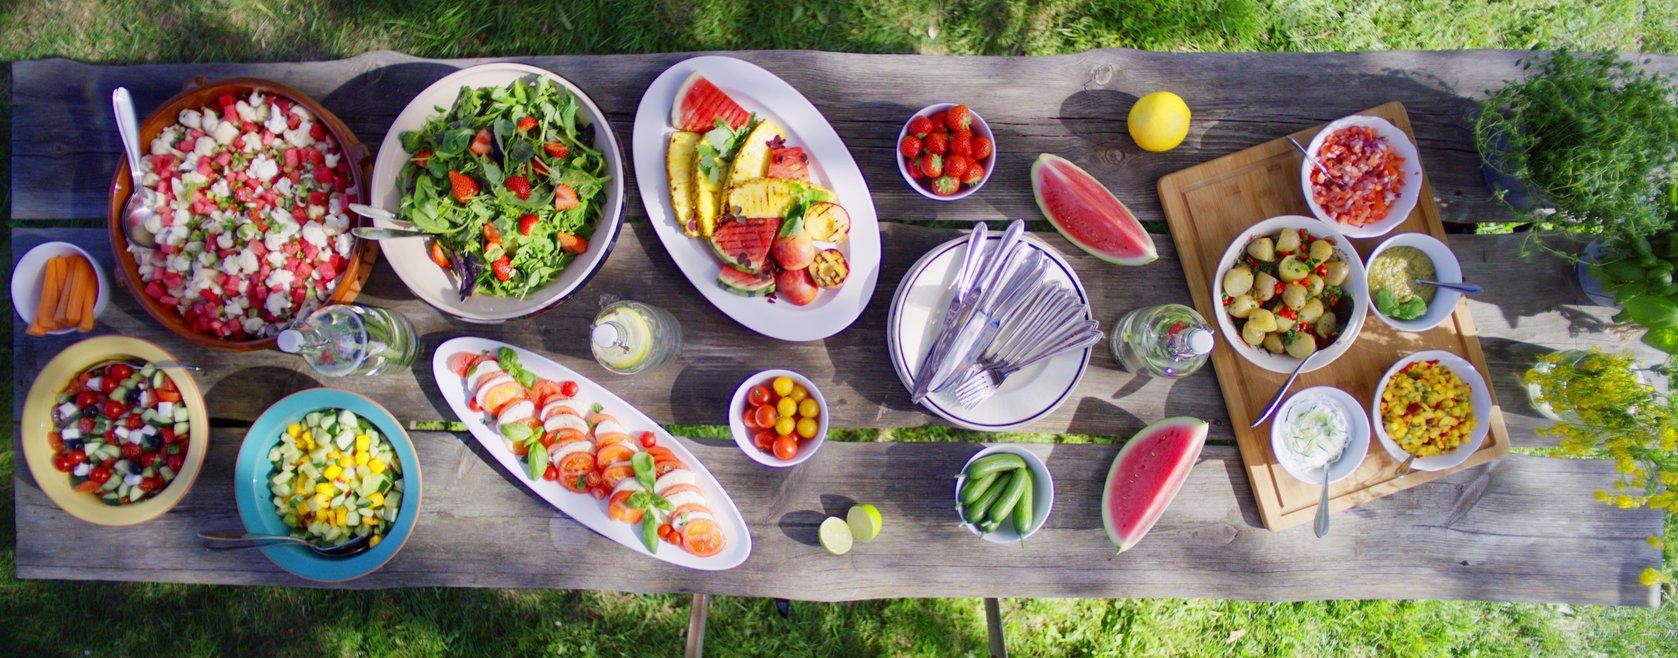 Langbord med masse god sommermat og salater